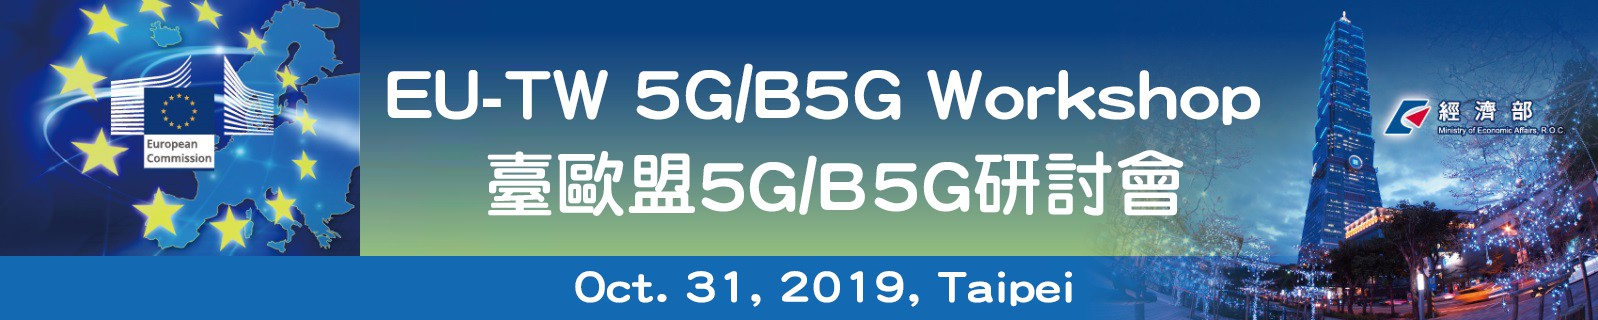 台歐盟5G/B5G研討會